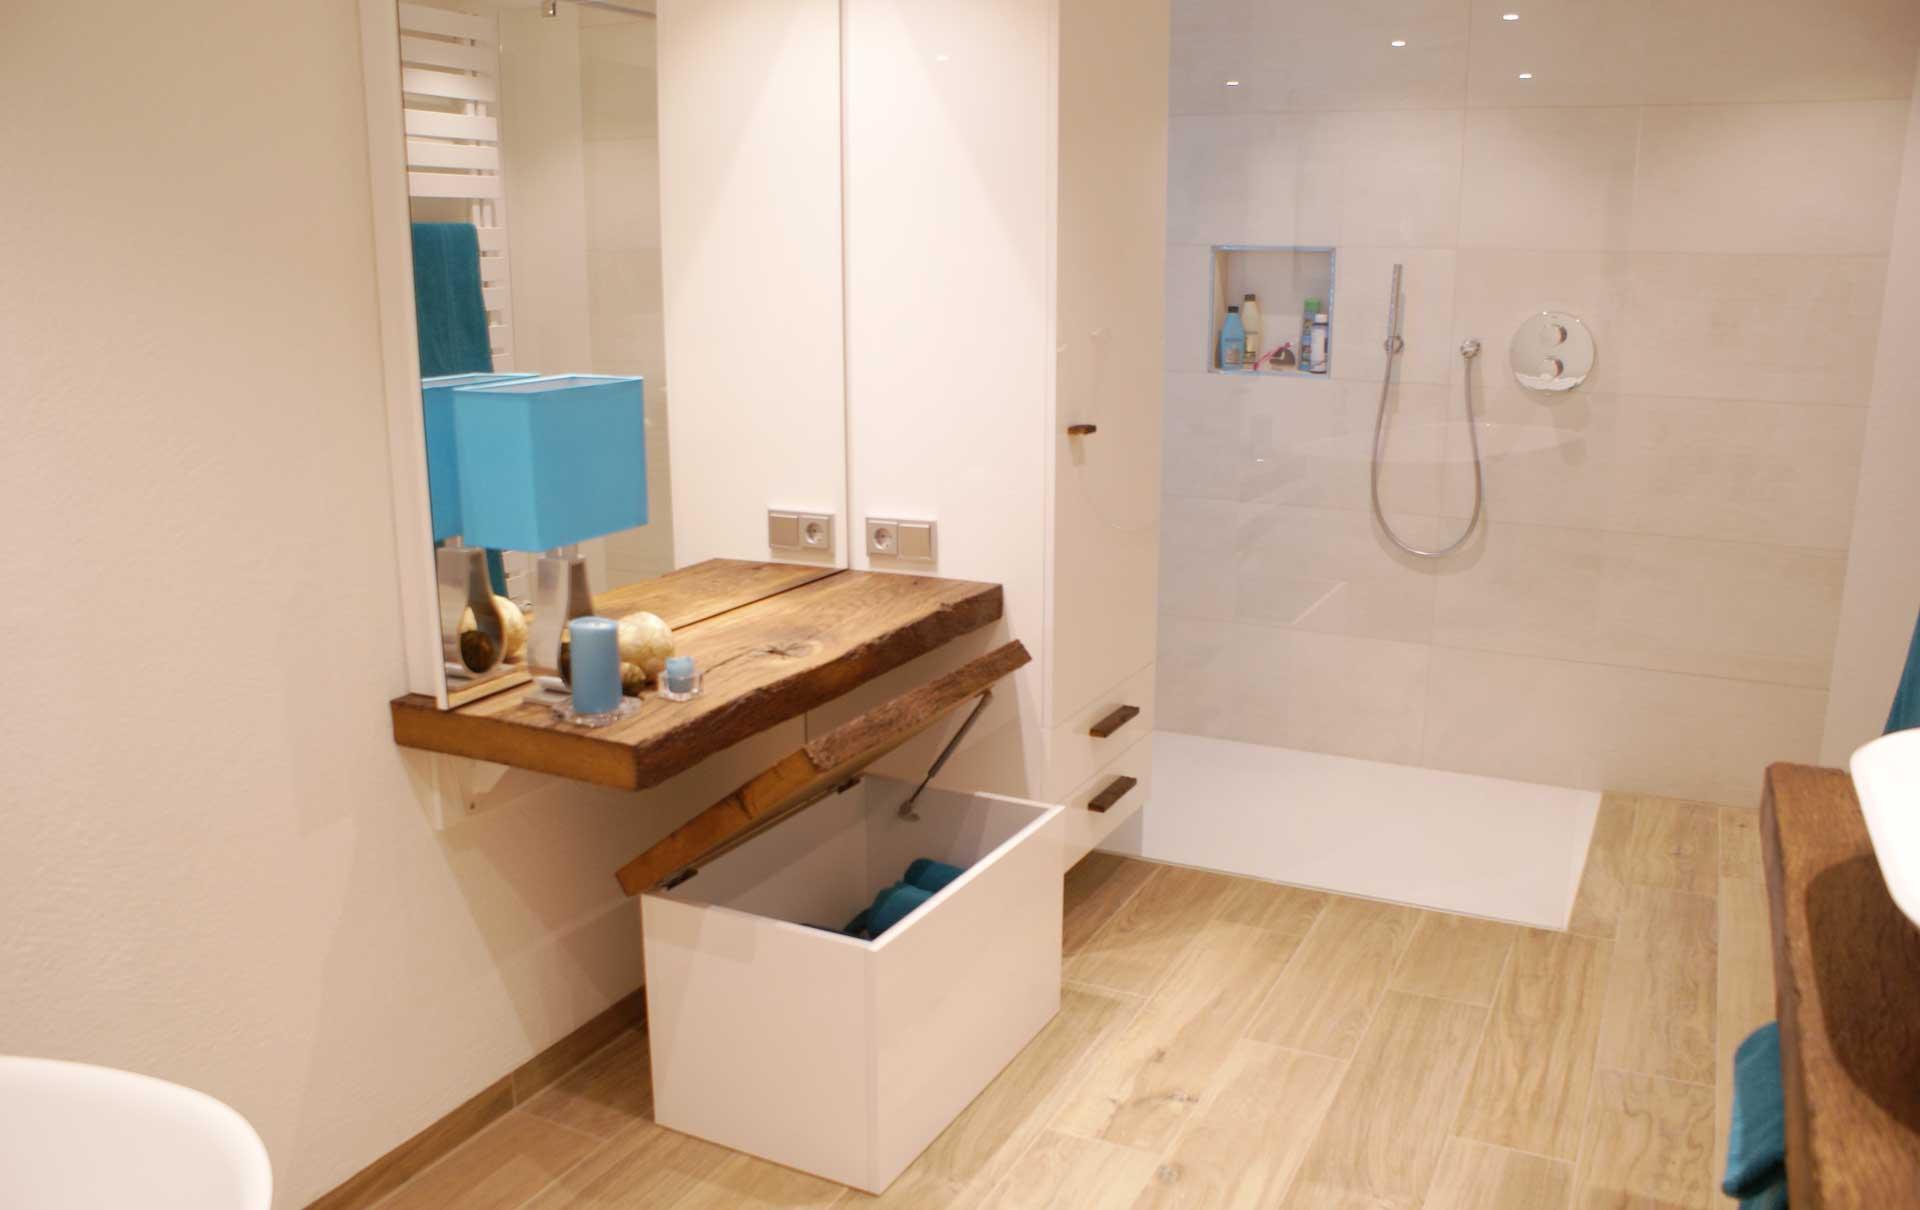 Badeinrichtung Bilder Trienens Innenausbau Gmbh Individuelle